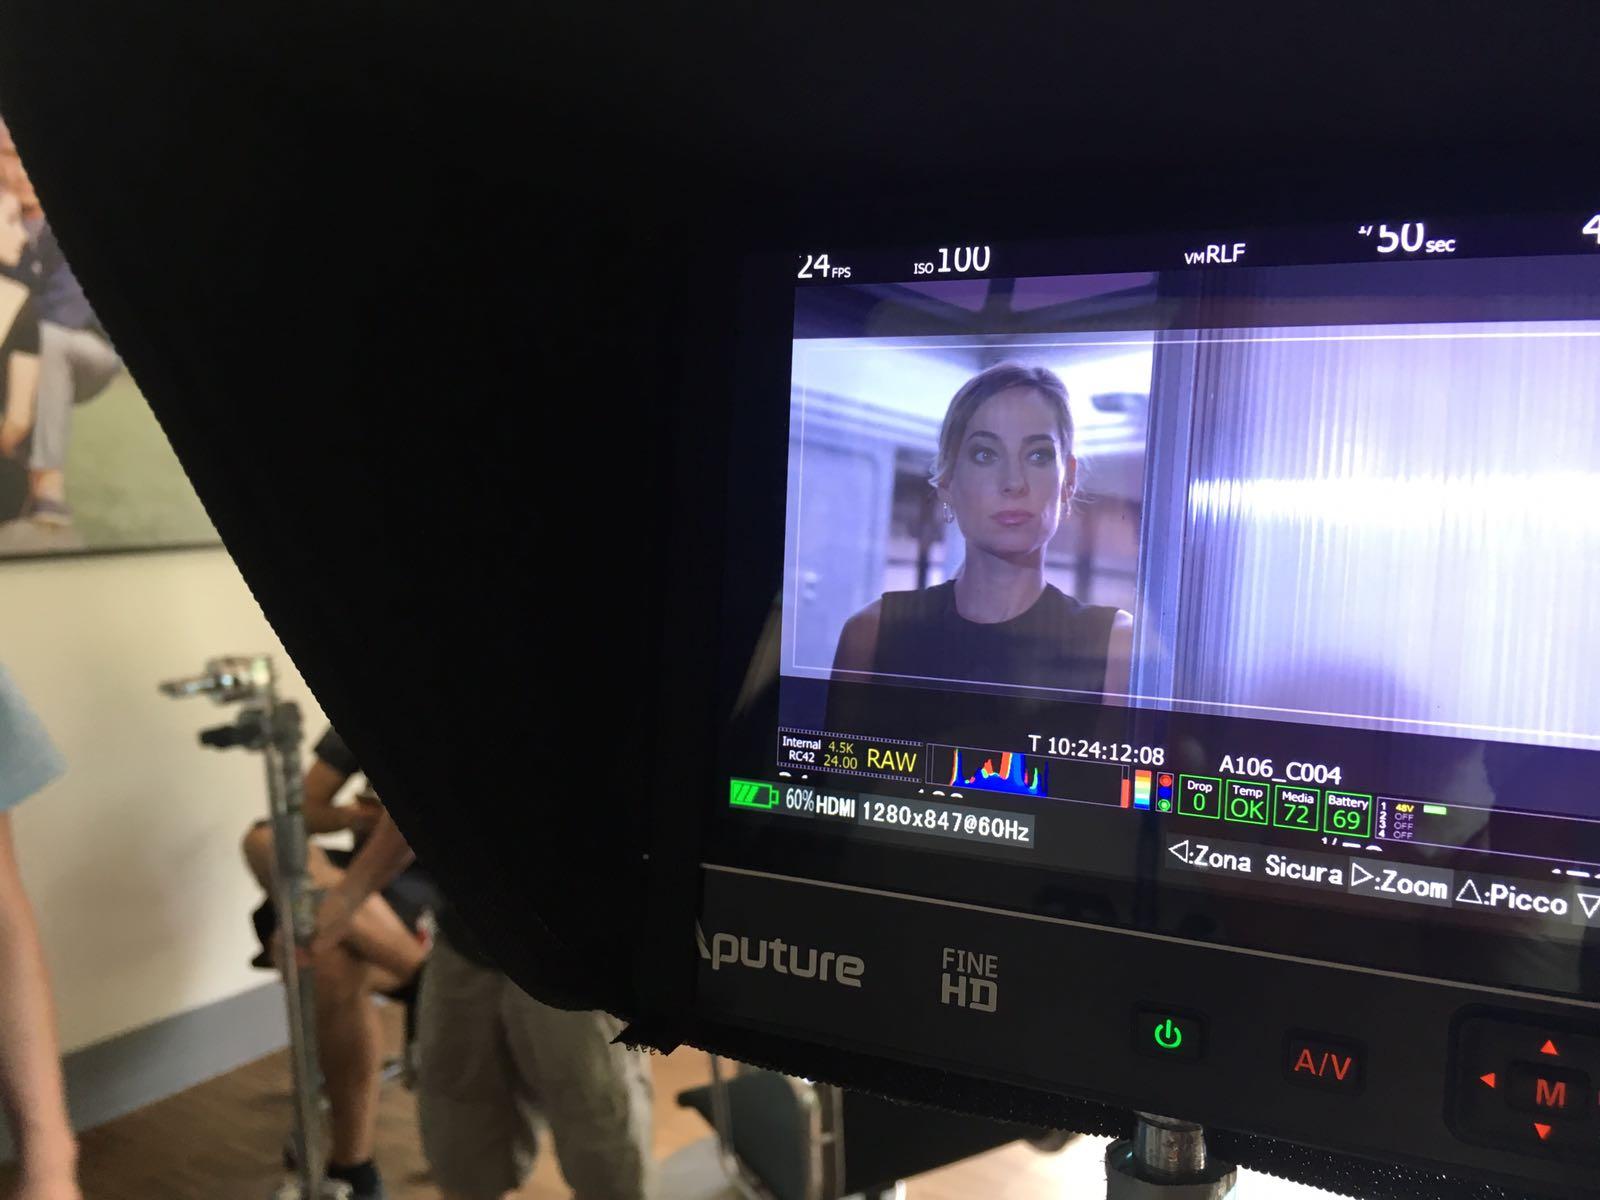 Jessica sul set di una nuova fiction televisiva